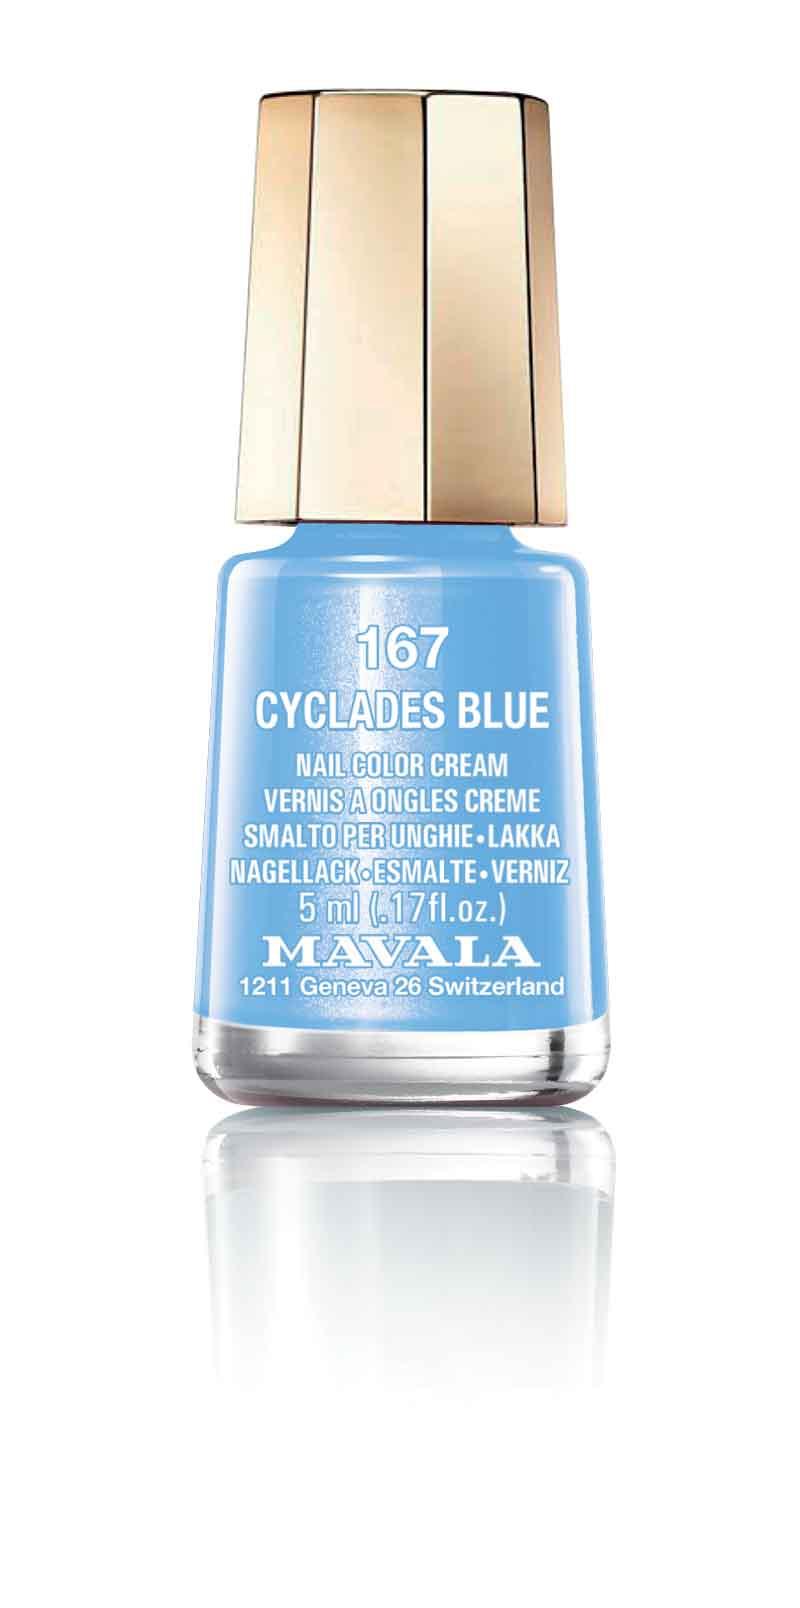 167 CYCLADES BLUE